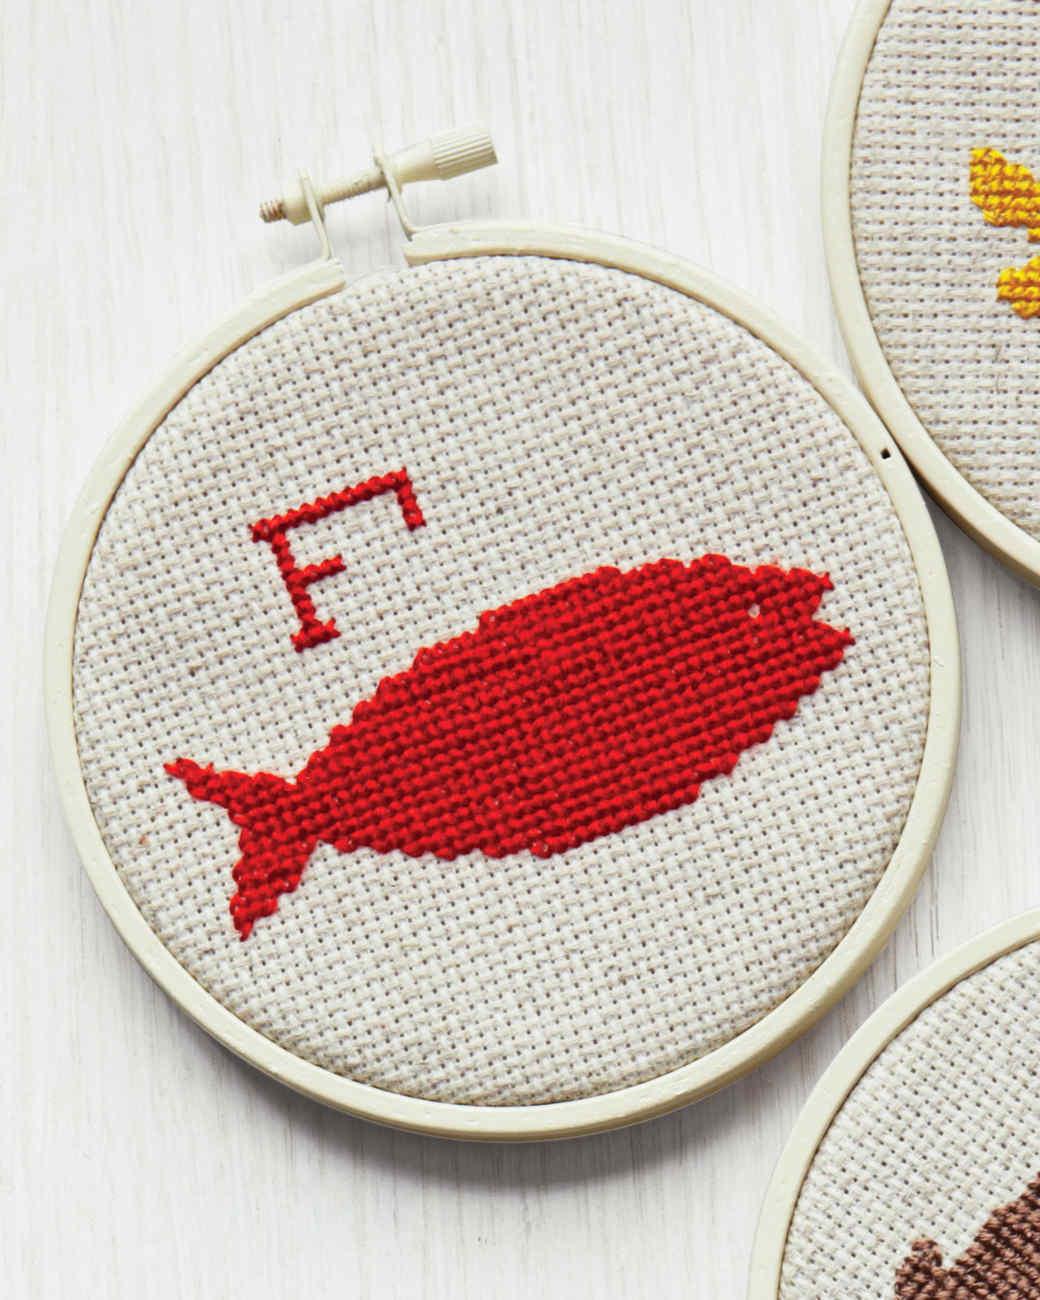 mld106899_0311_animals_fish.jpg